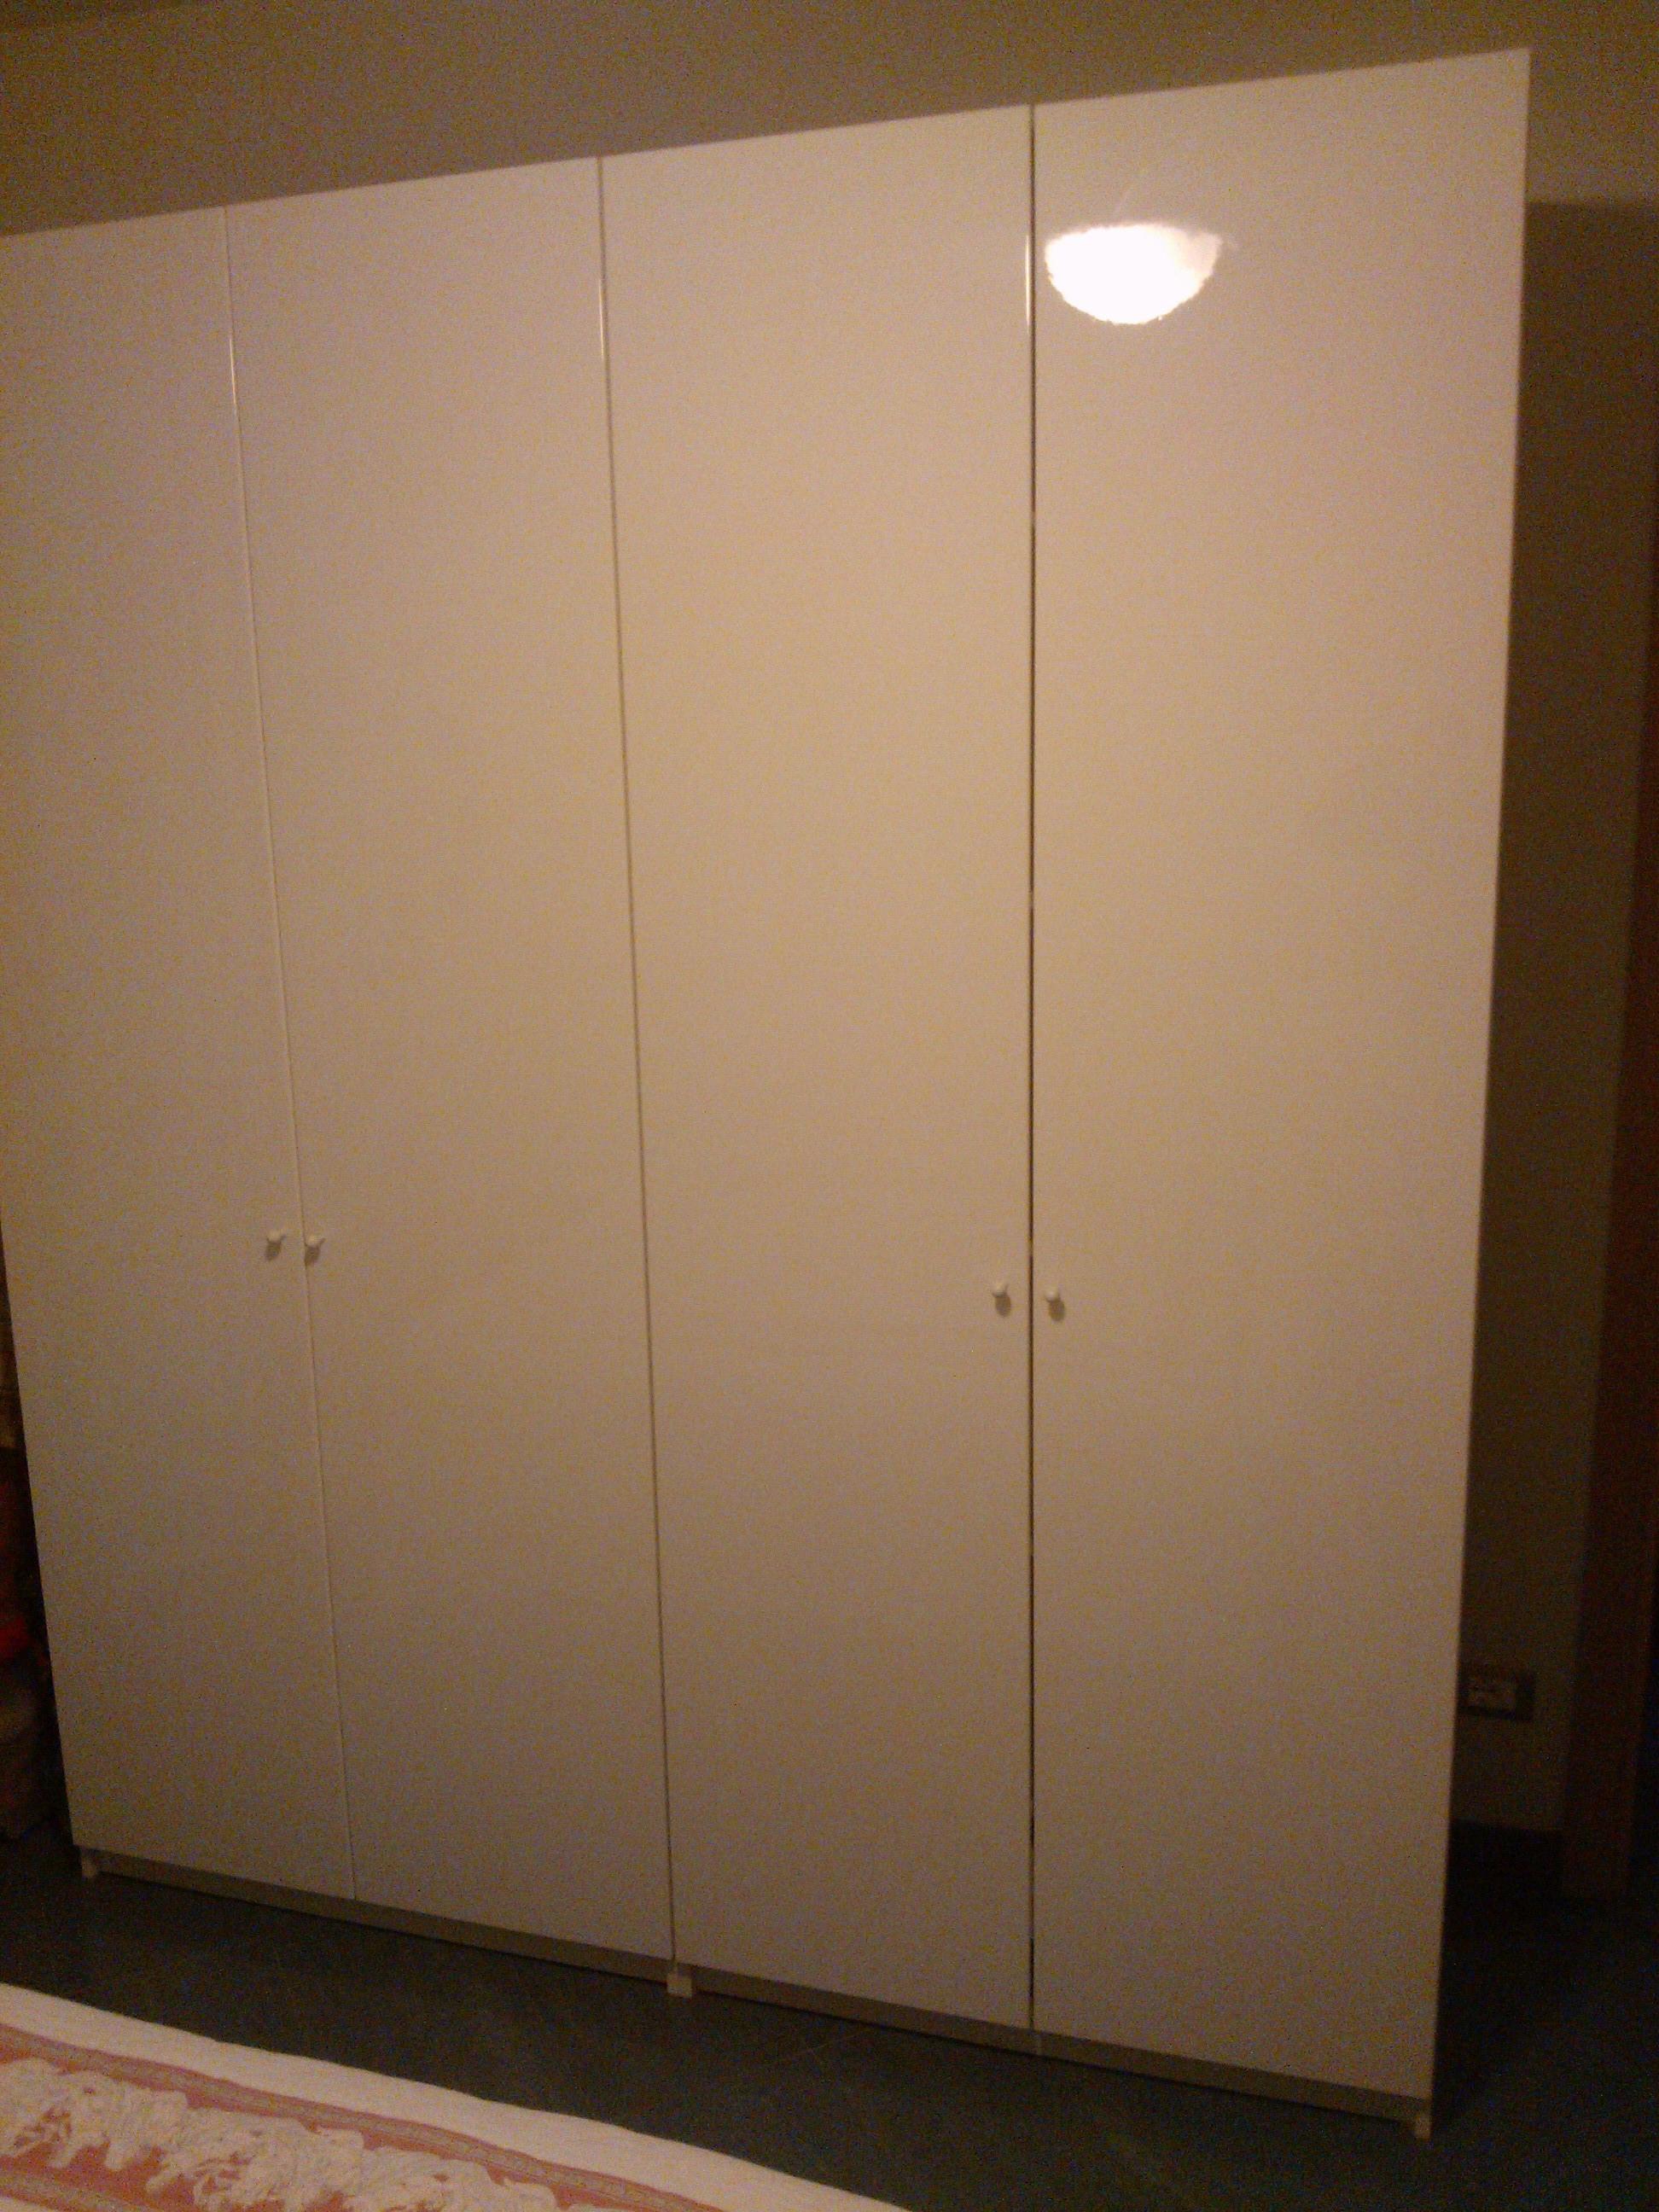 Armadio Con Chiave Ikea.Montaggio Mobili Ikea E Affini Rebagliatiemanuele Com